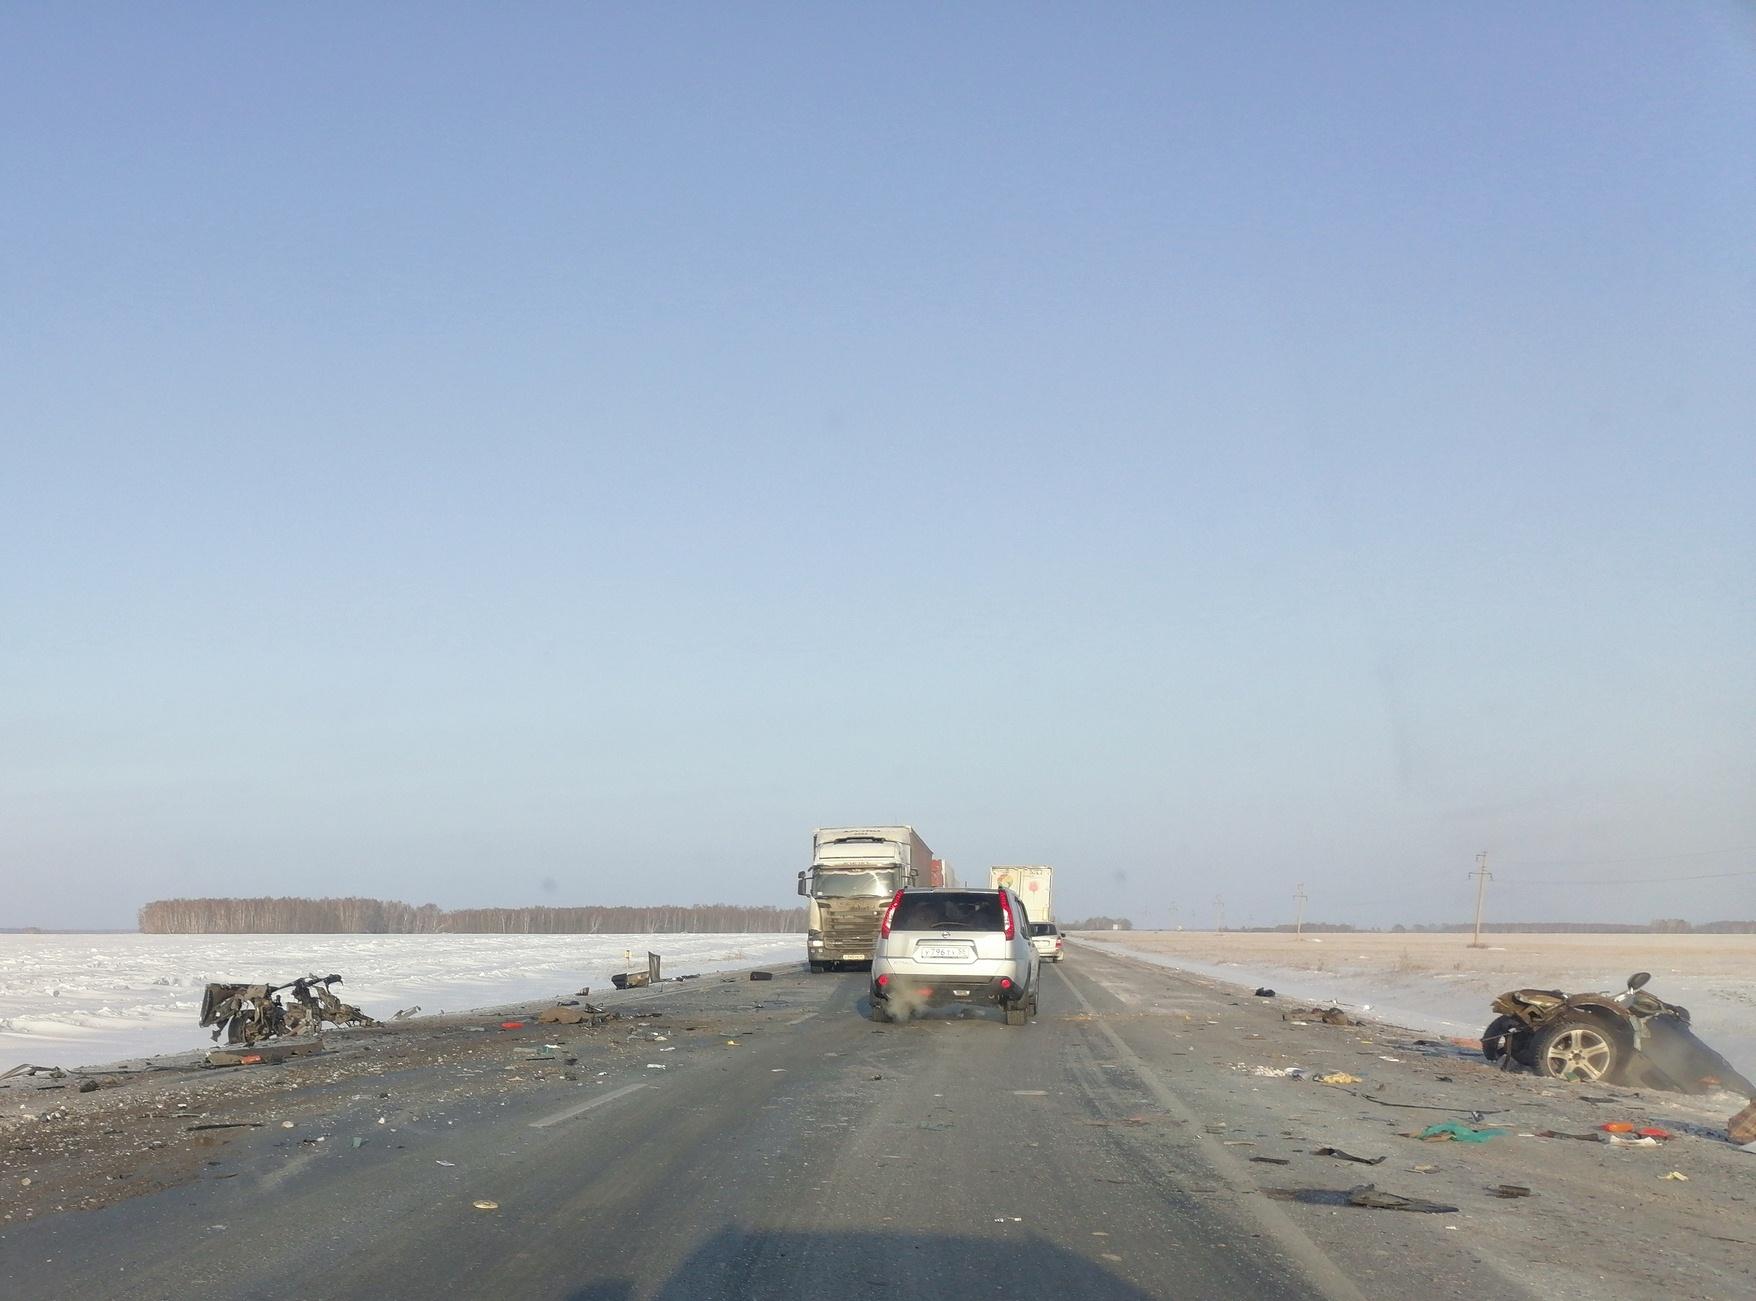 Mercedes разорвало на части от столкновения с фурой «Красное&Белое» под Омском #Новости #Общество #Омск